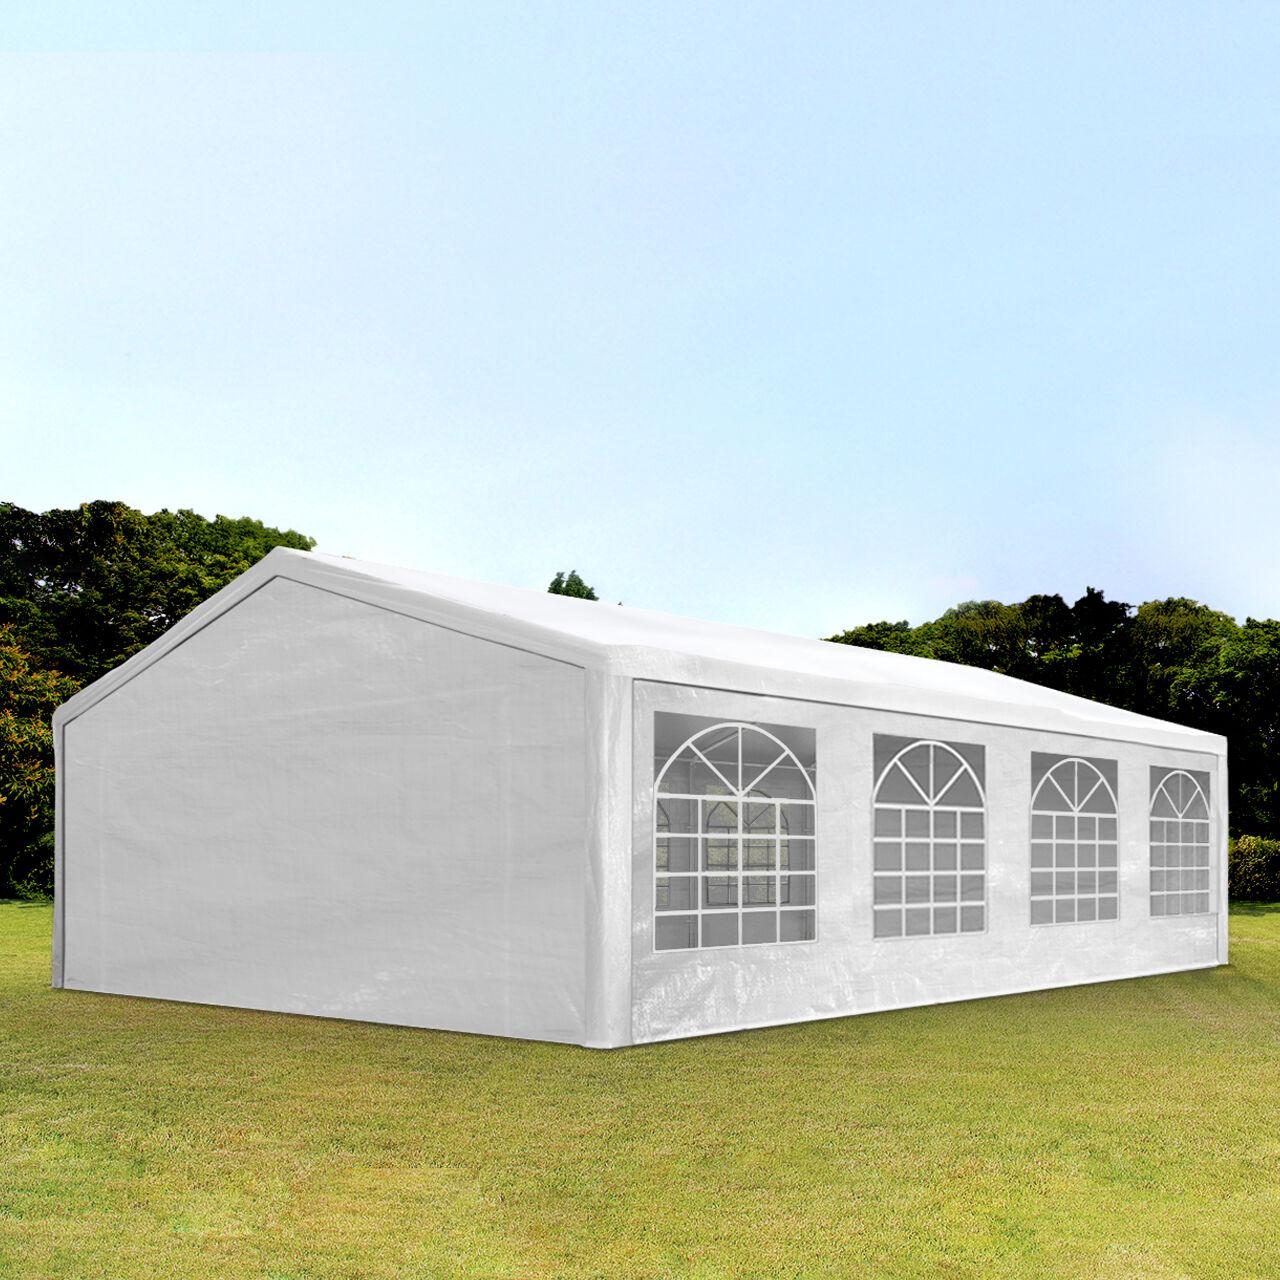 Intent24.fr Tente de réception 5x8m PE 180g/m² blanc imperméable barnum, chapiteau